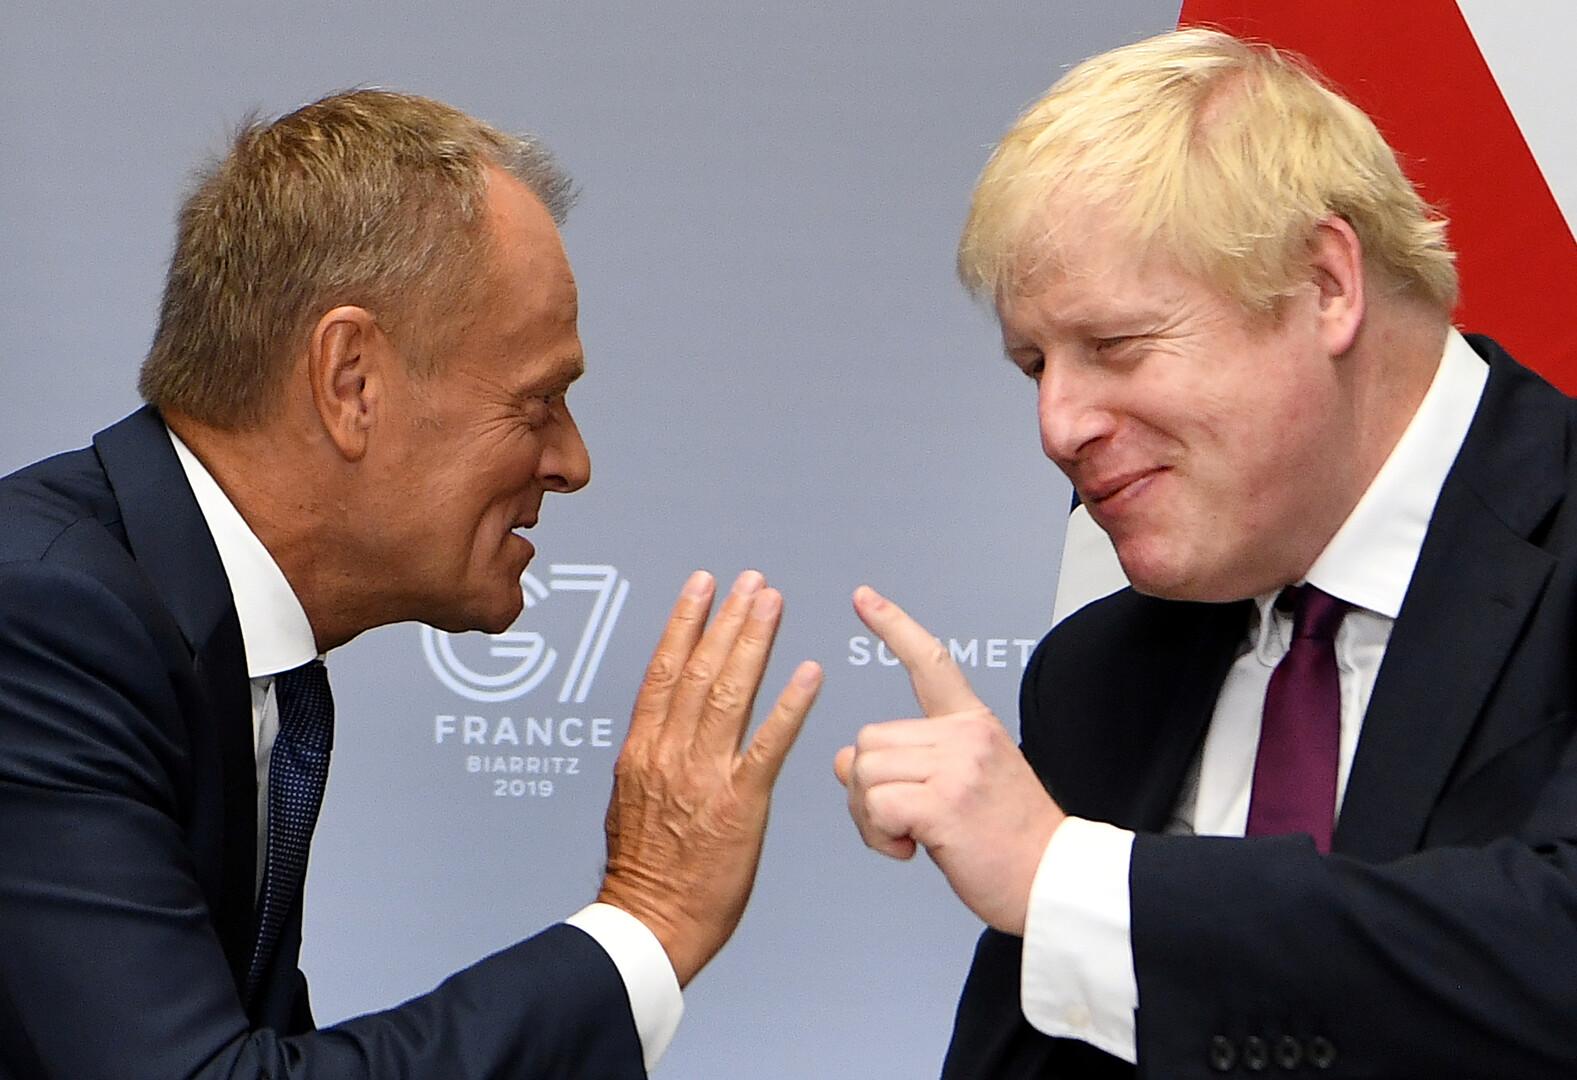 رئيس الوزراء البريطاني، بوريس جونسون، ورئيس المجلس الأوروبي، دونالد توسك